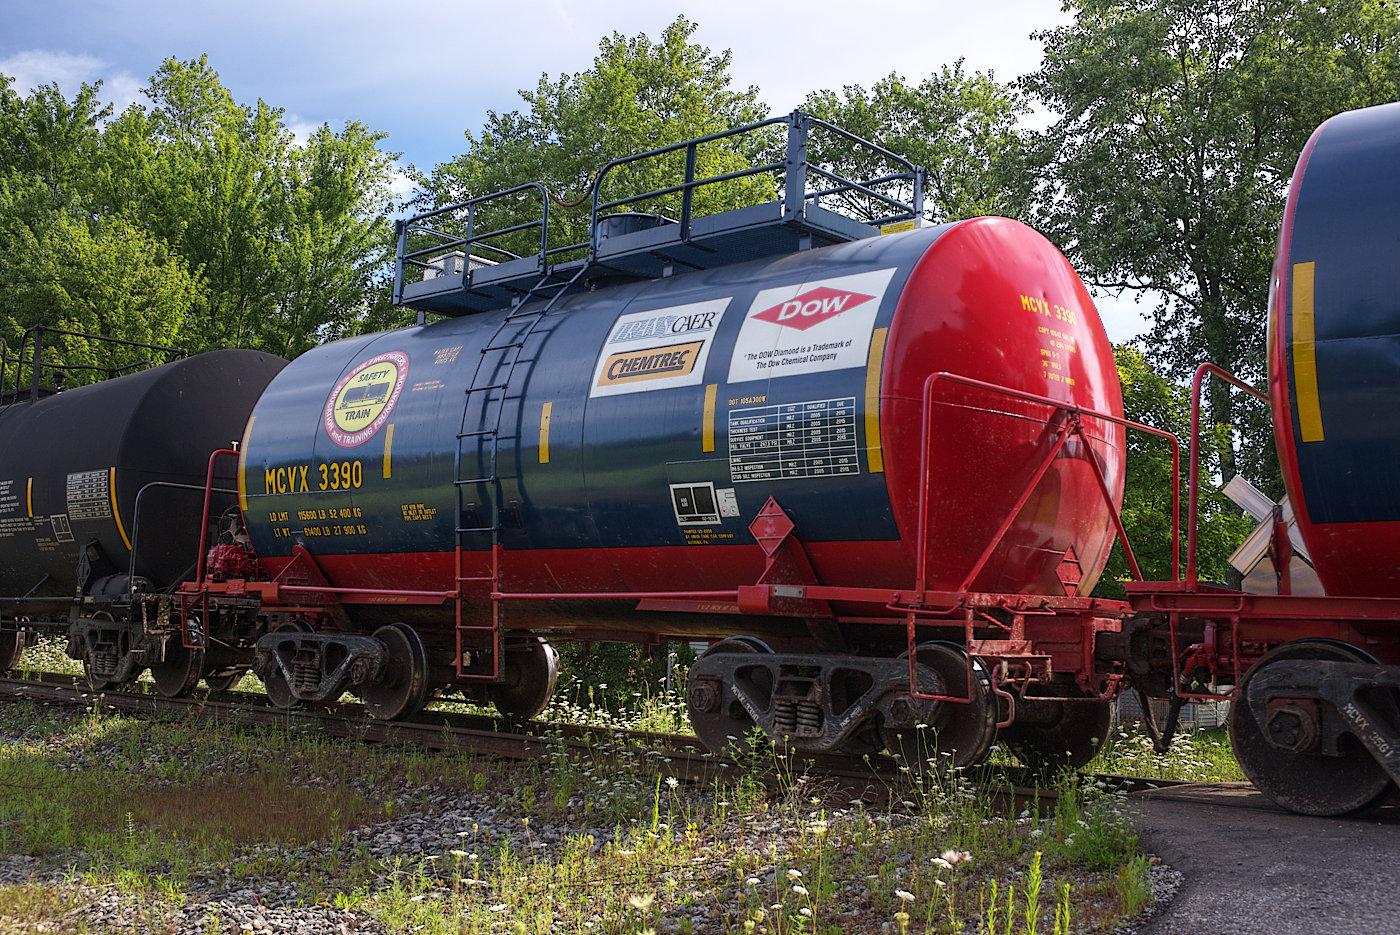 US_Durand_MI_2014-08-15_10@53_9116_MCVX_3390_Safety_Train.jpg